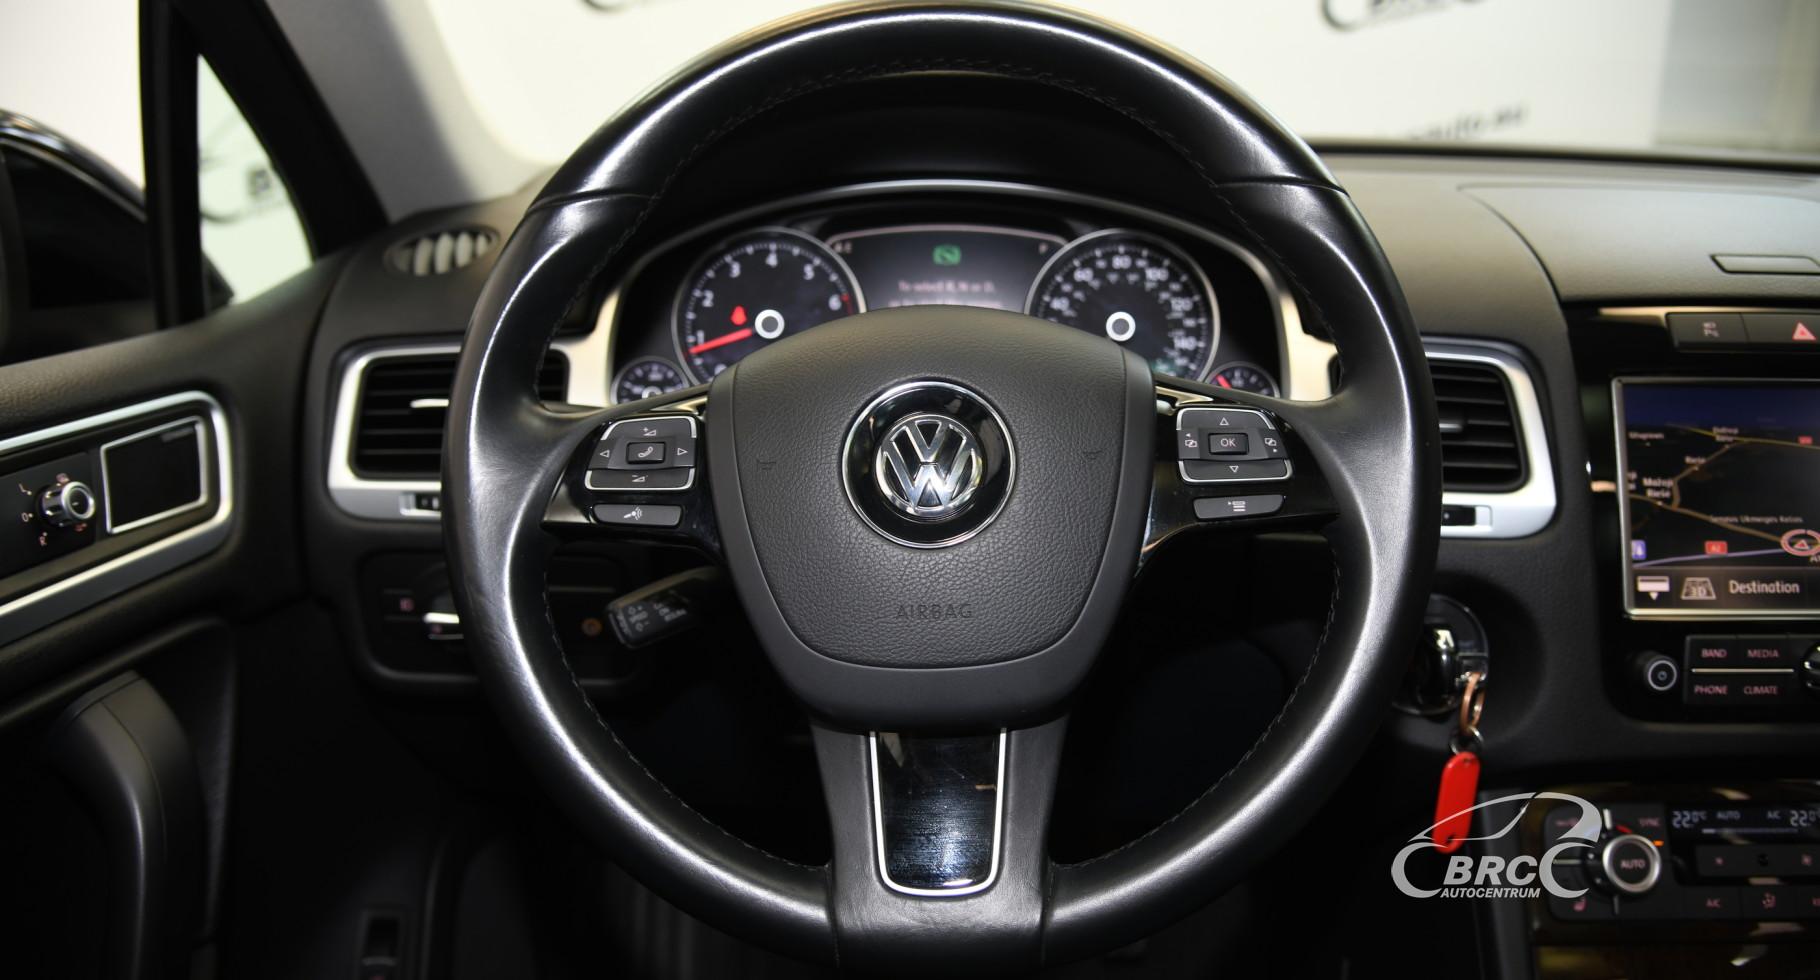 Volkswagen Touareg 3.6 V6 4Motion Automatas